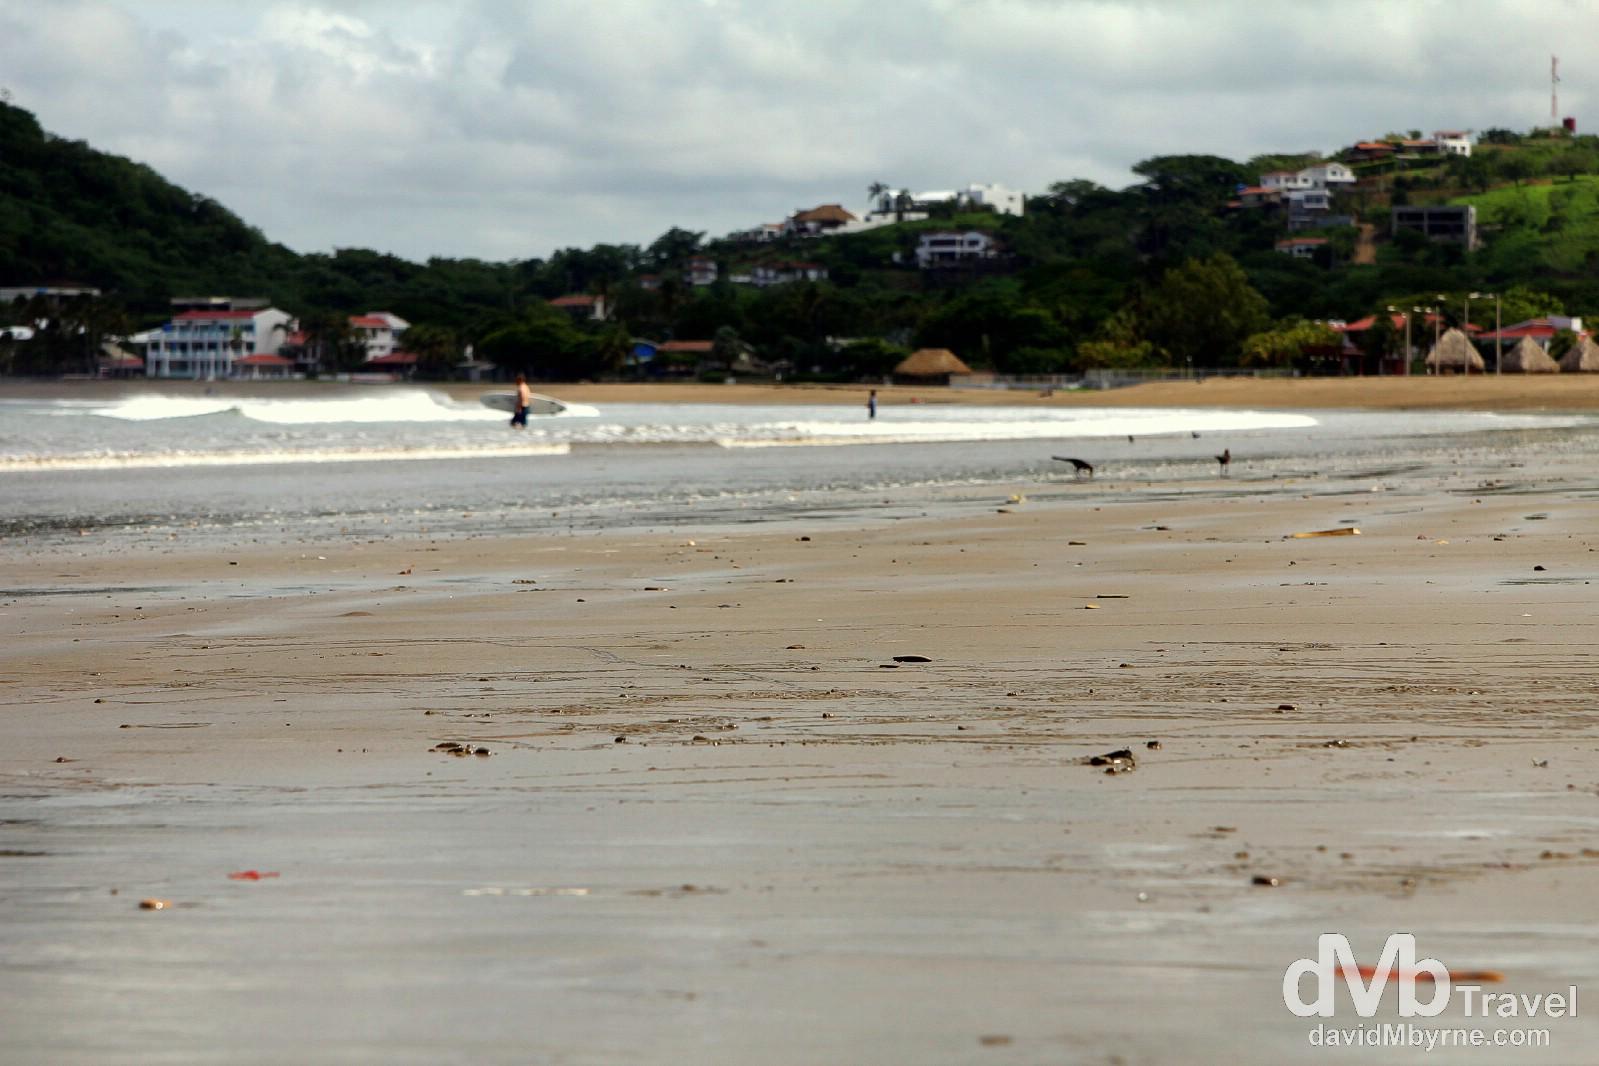 (Absent) 'Golden sand'. San Juan Del Sur, Nicaragua. June 22nd 2013.